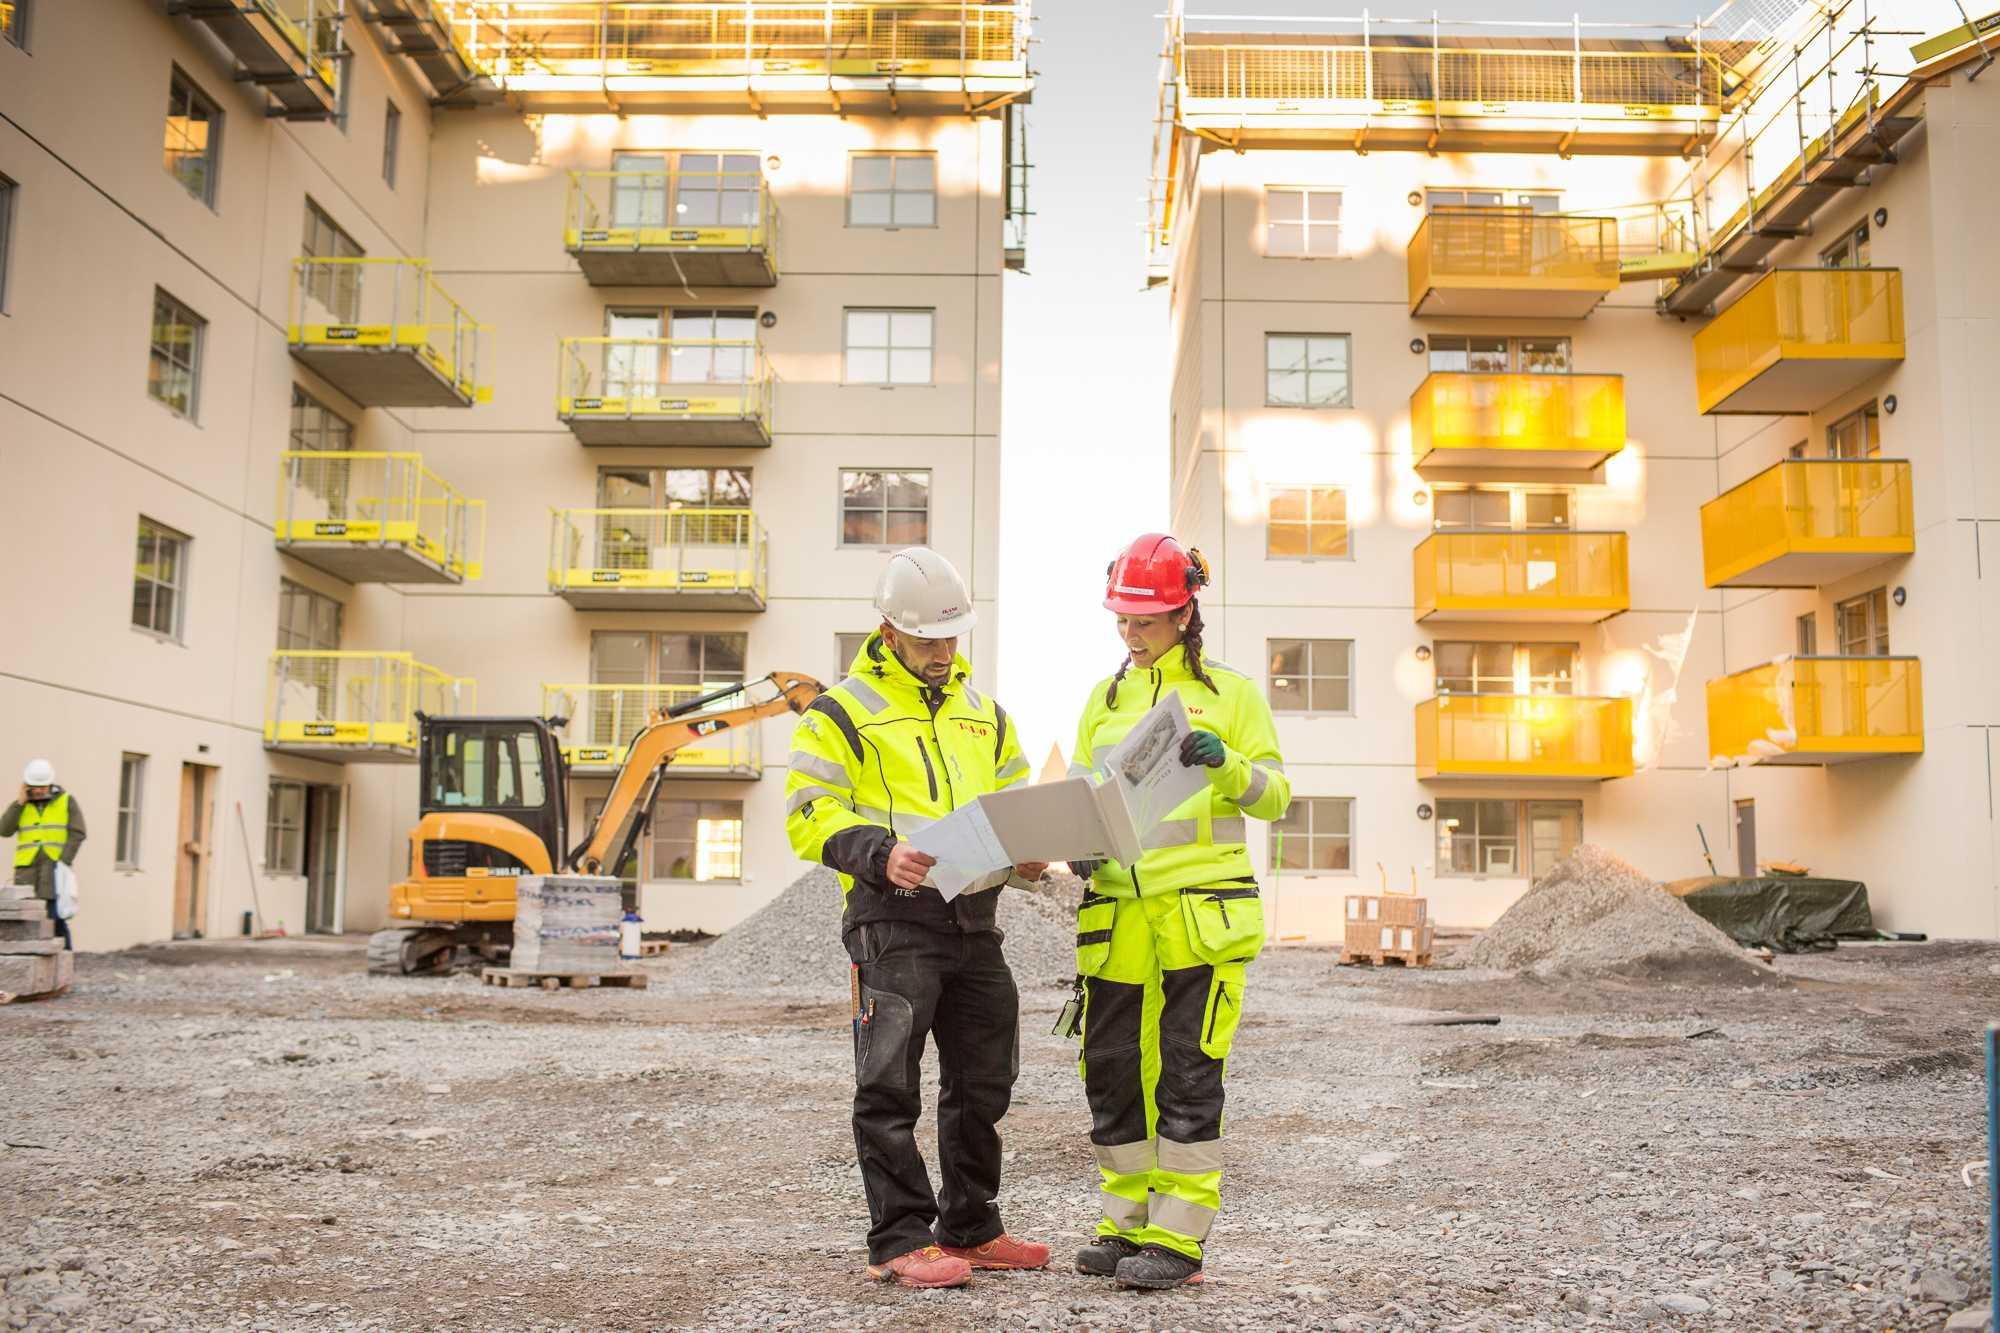 Ikano Bostad första privata aktören att certifiera hållbarhetsprogram enligt Citylab 3